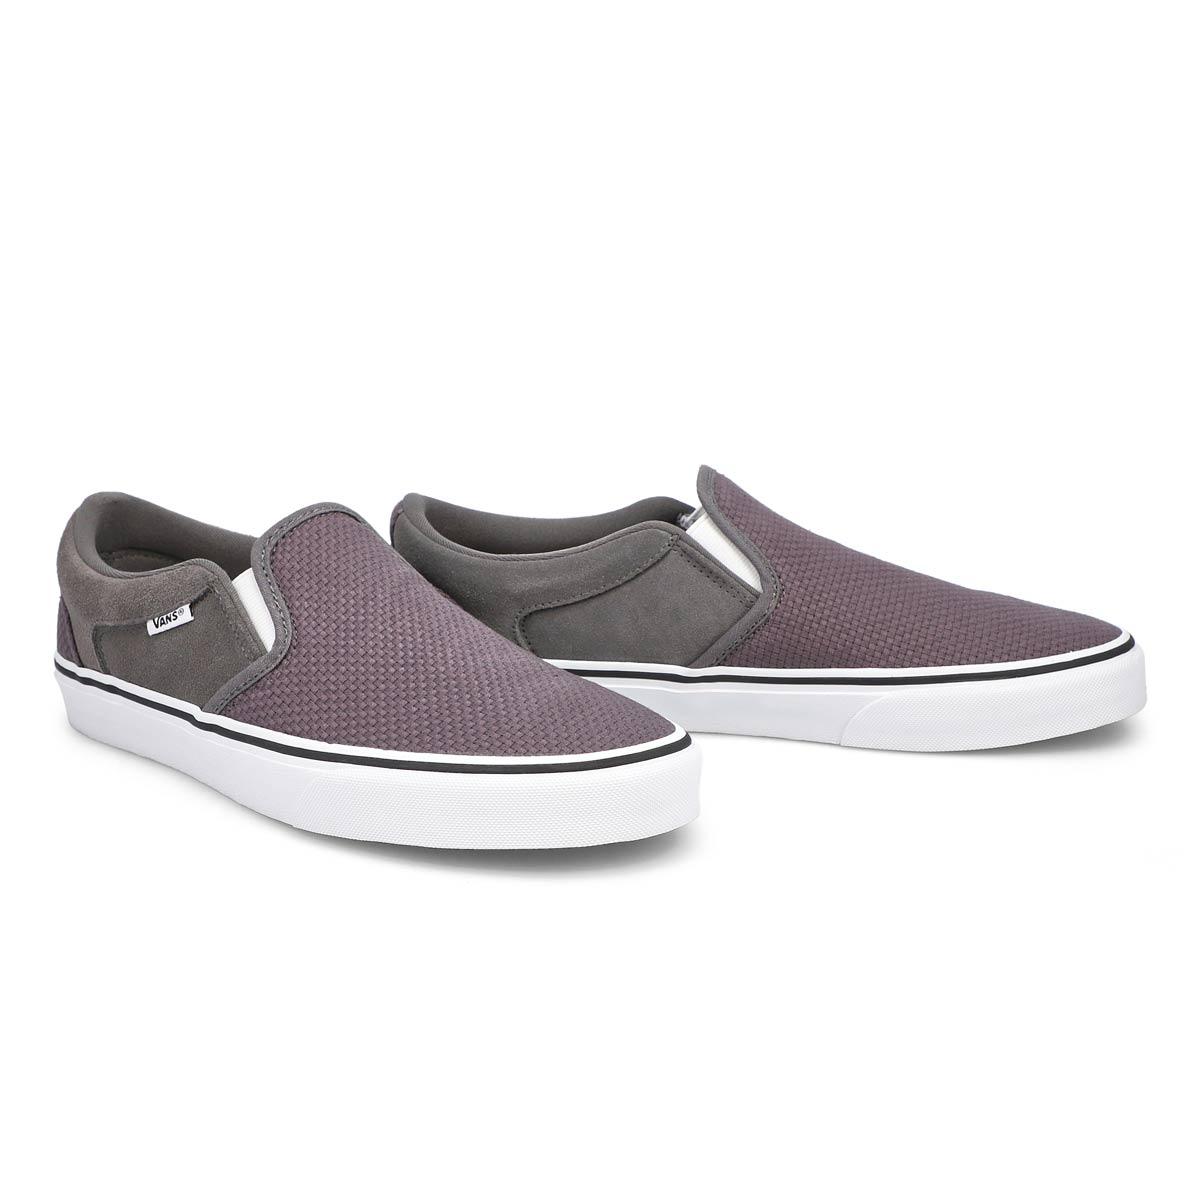 Men's Asher Slip On Sneaker - Pewter/White